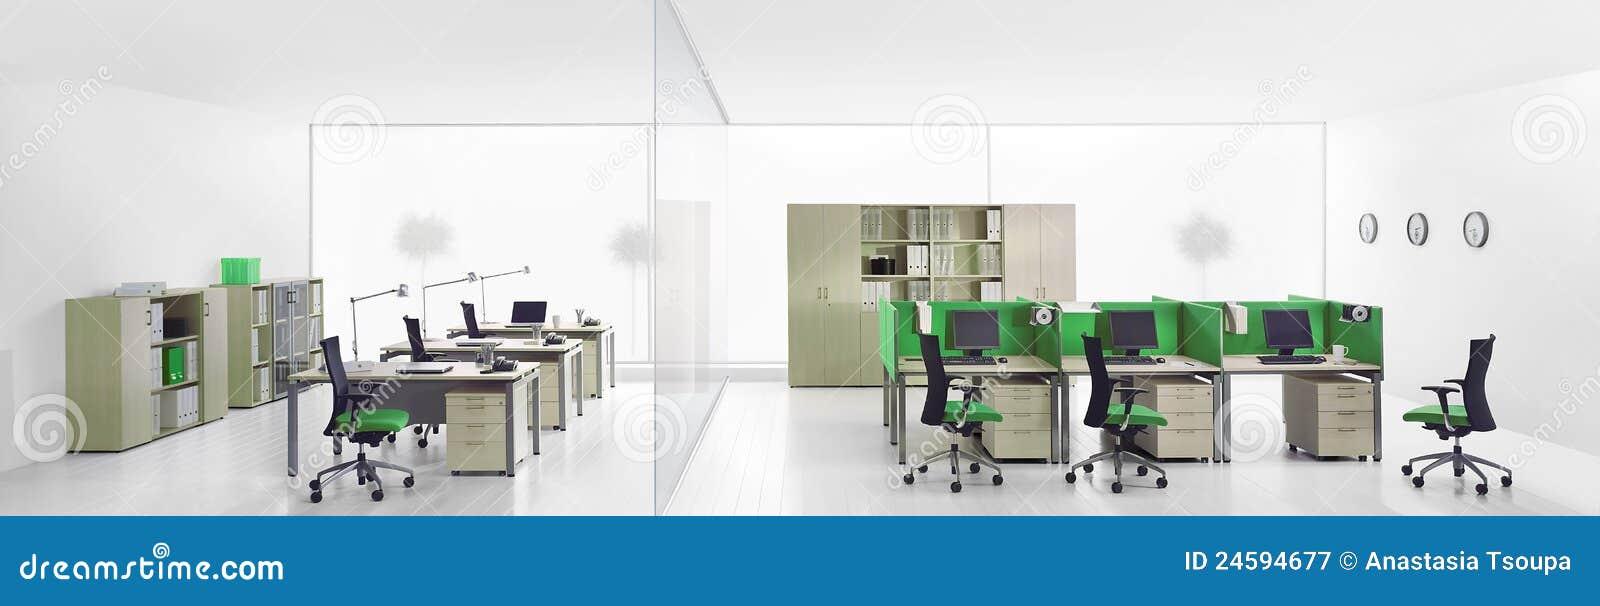 Interior de oficinas modernas for Oficinas modernas concepto